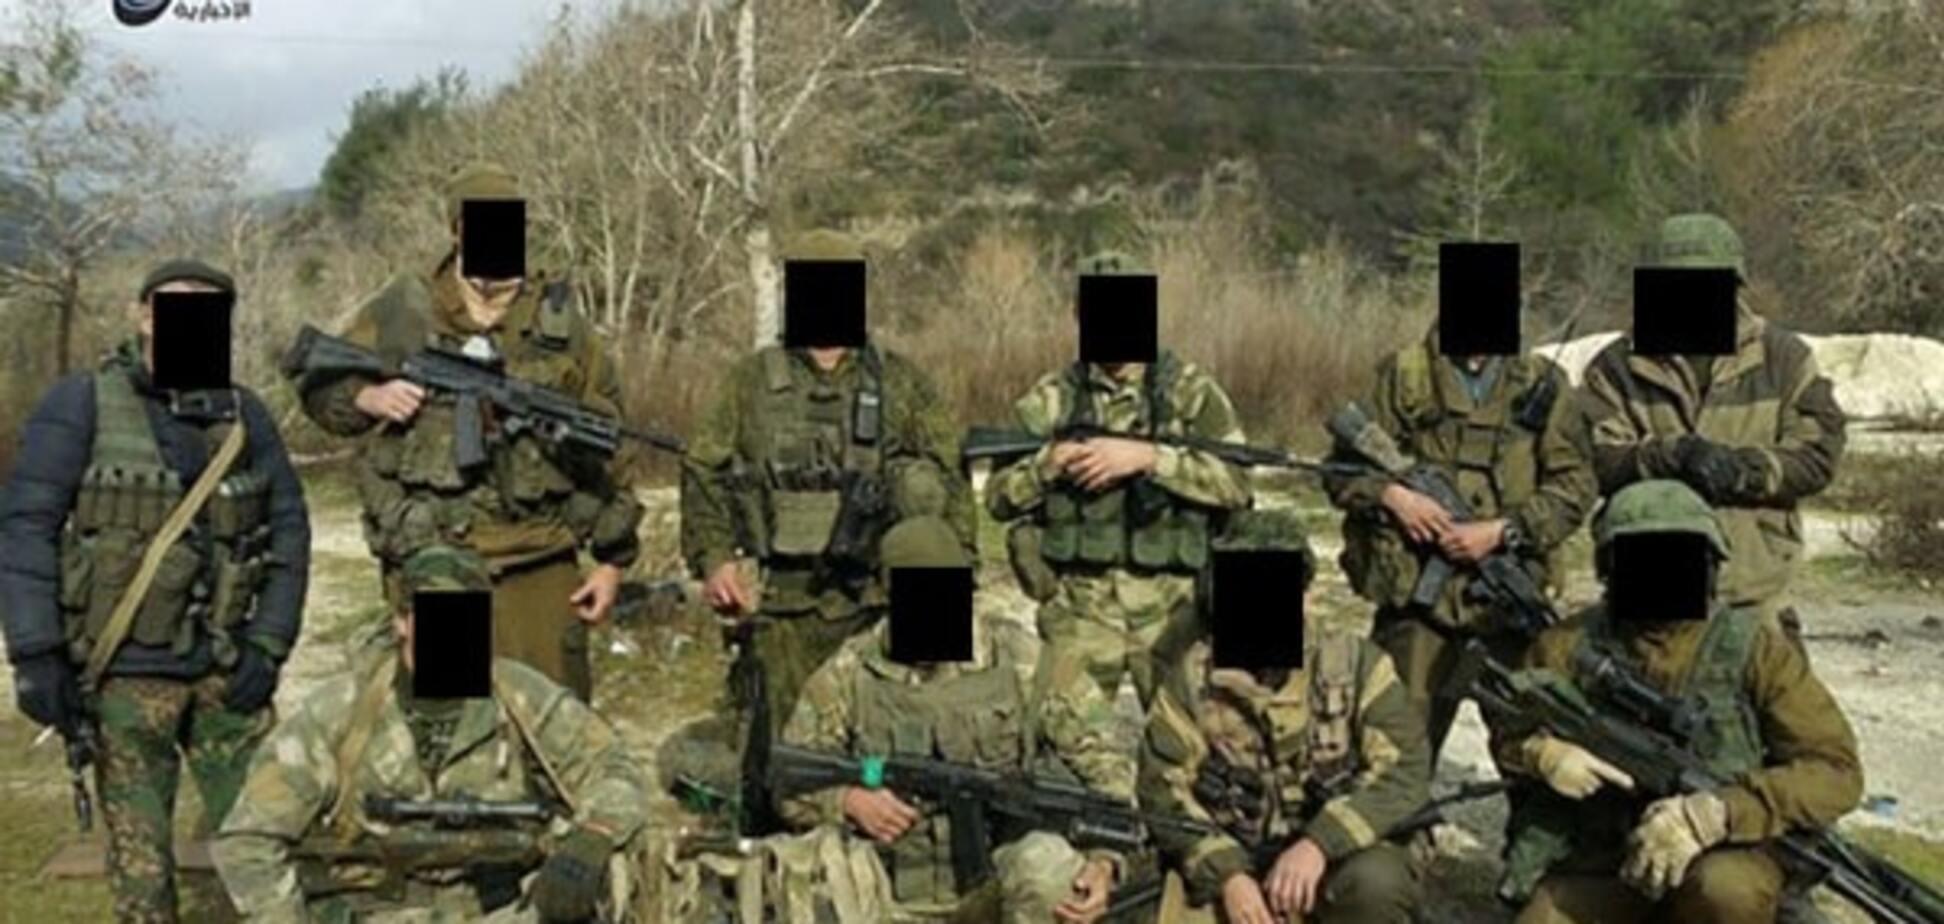 Источник: Фото, опубликованные террористической организацией ИГИЛ в интернете